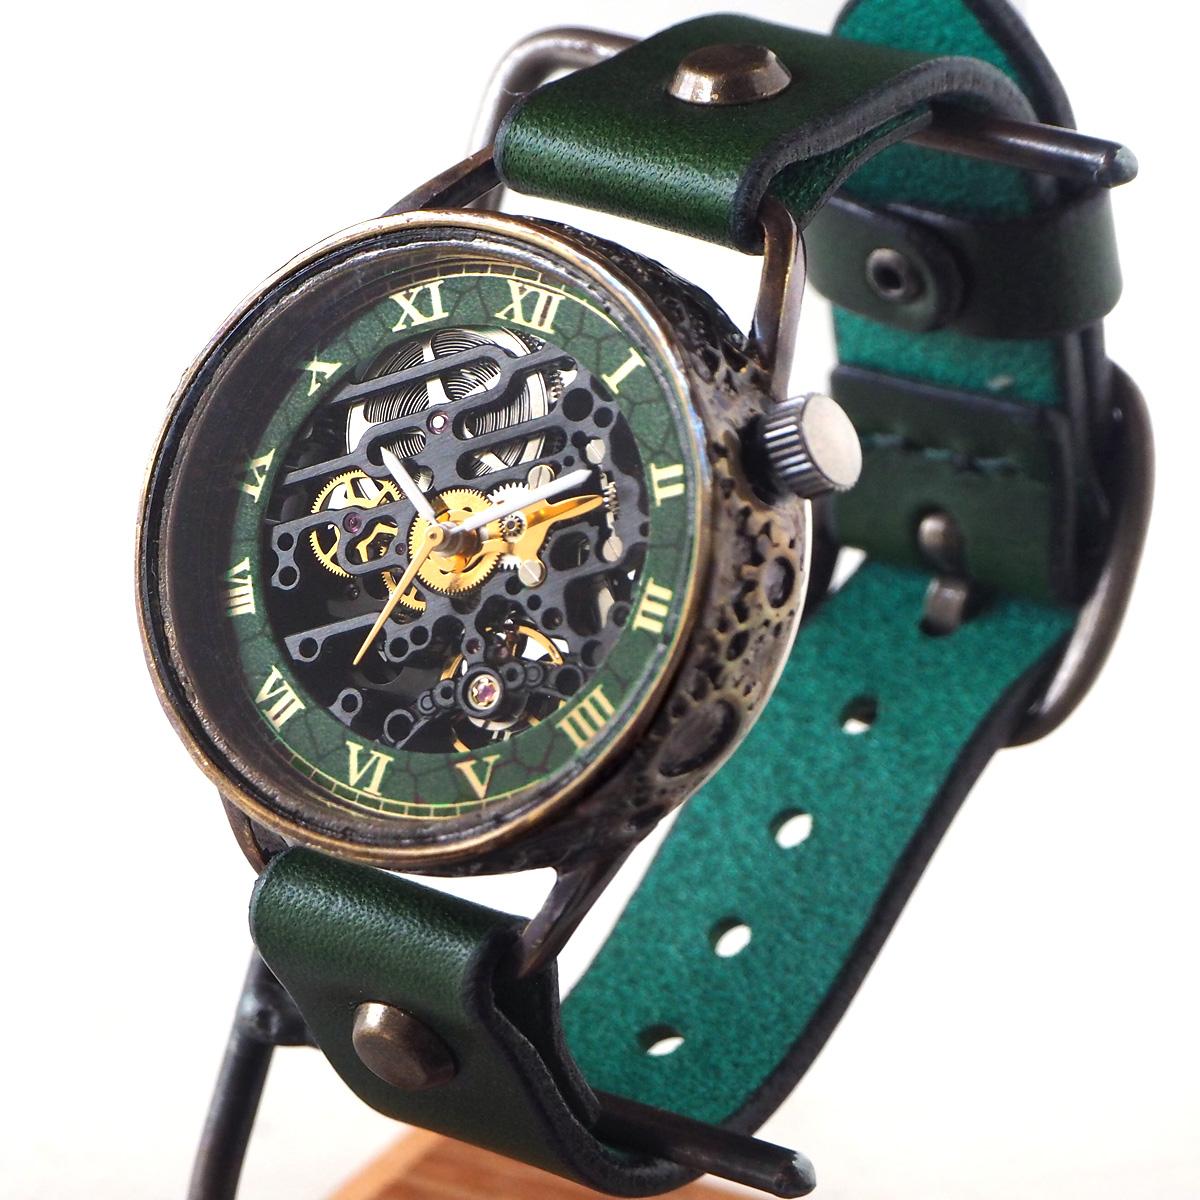 KINO(キノ) 手作り腕時計 自動巻き 裏スケルトン メカニックブラック グリーン [K-15-MBK-GR]